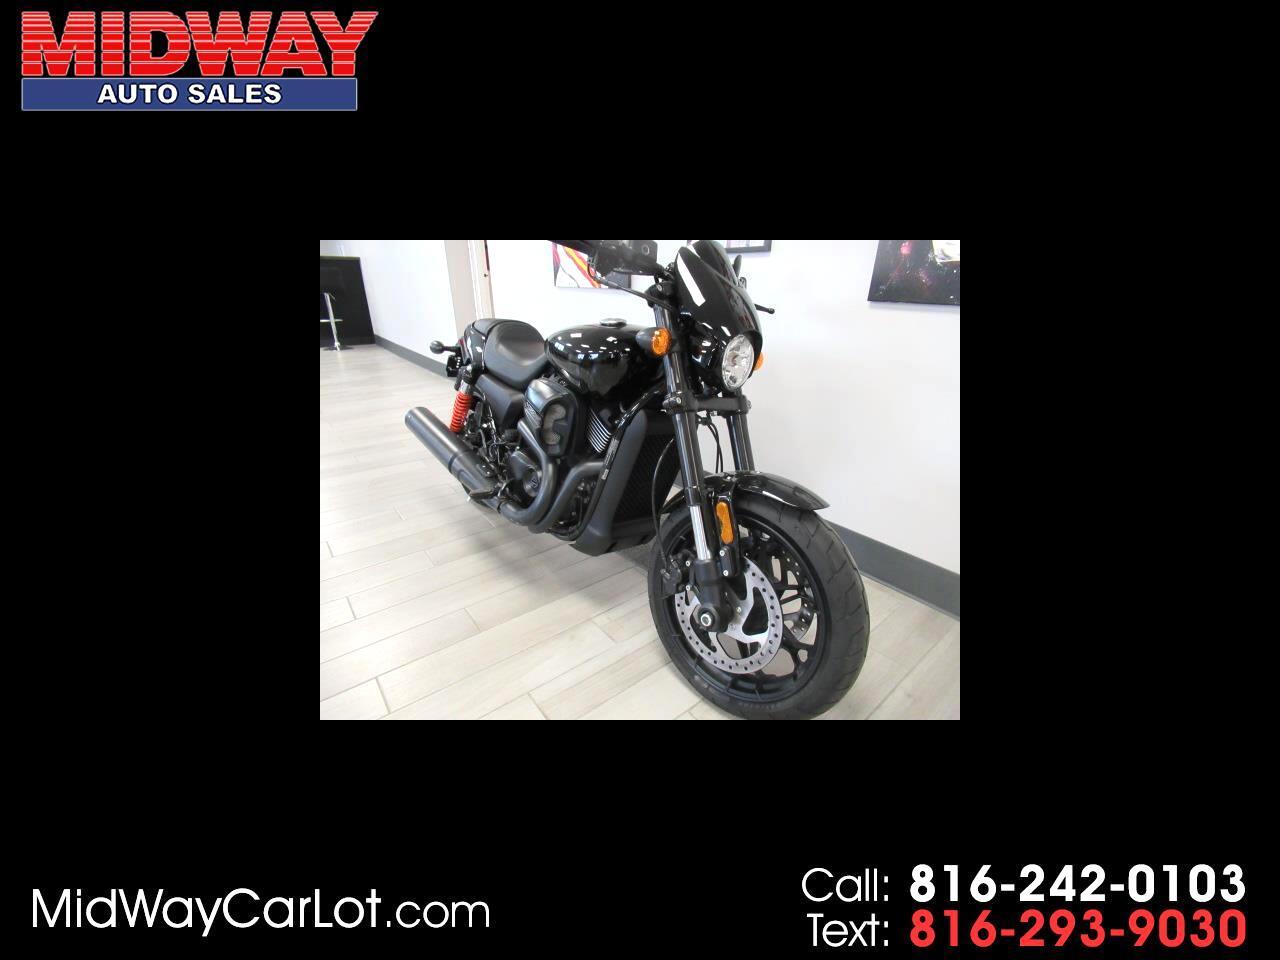 2018 Harley-Davidson XG750